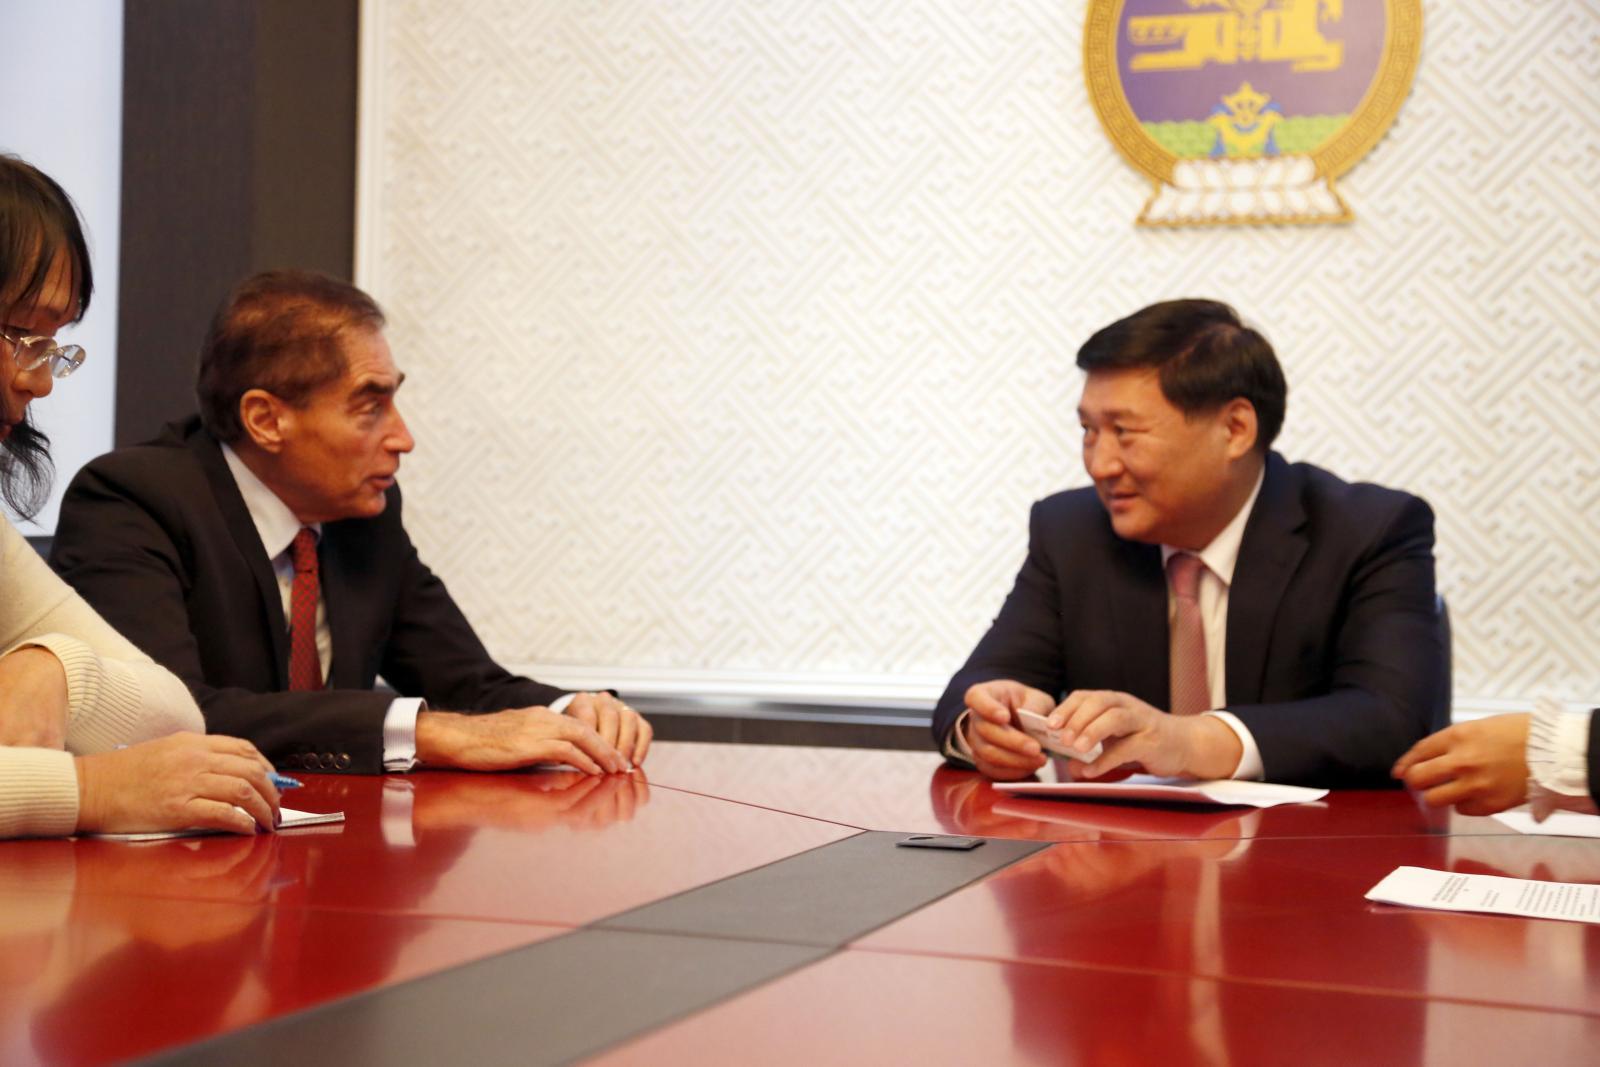 Румыны Ерөнхий сайд асан Петре Романыг хүлээж авч уулзлаа